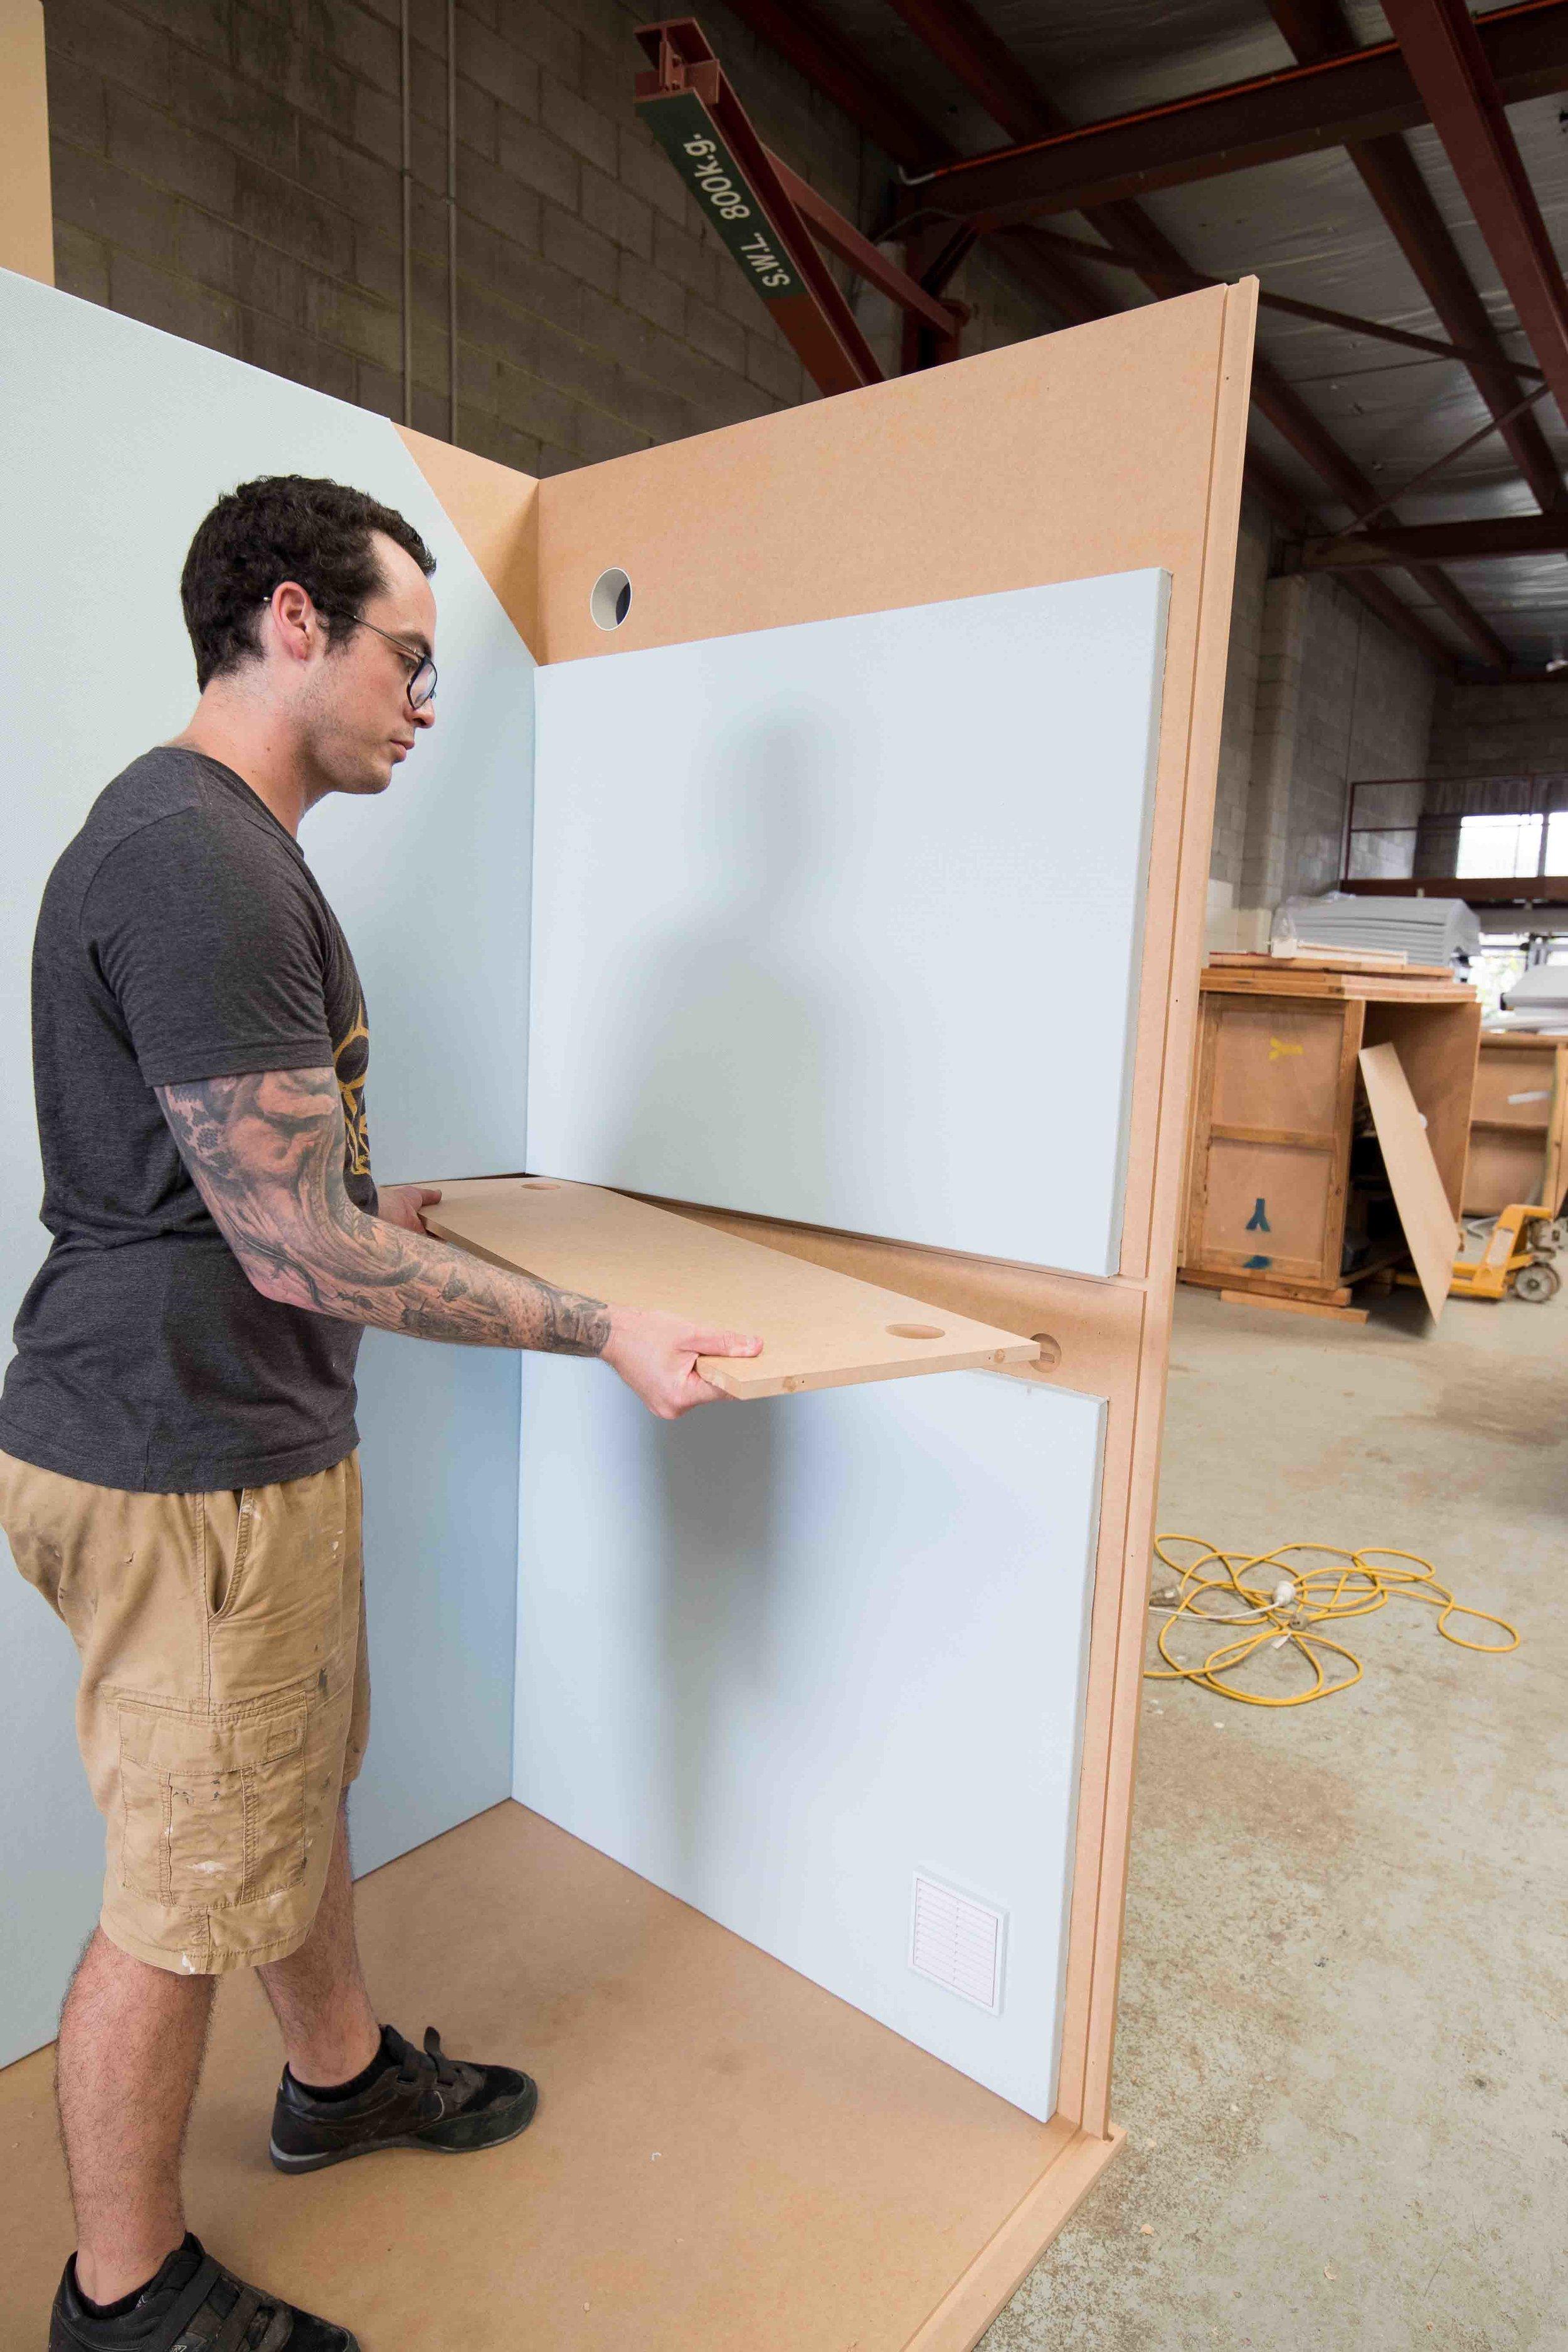 Step 3: Install Shelf